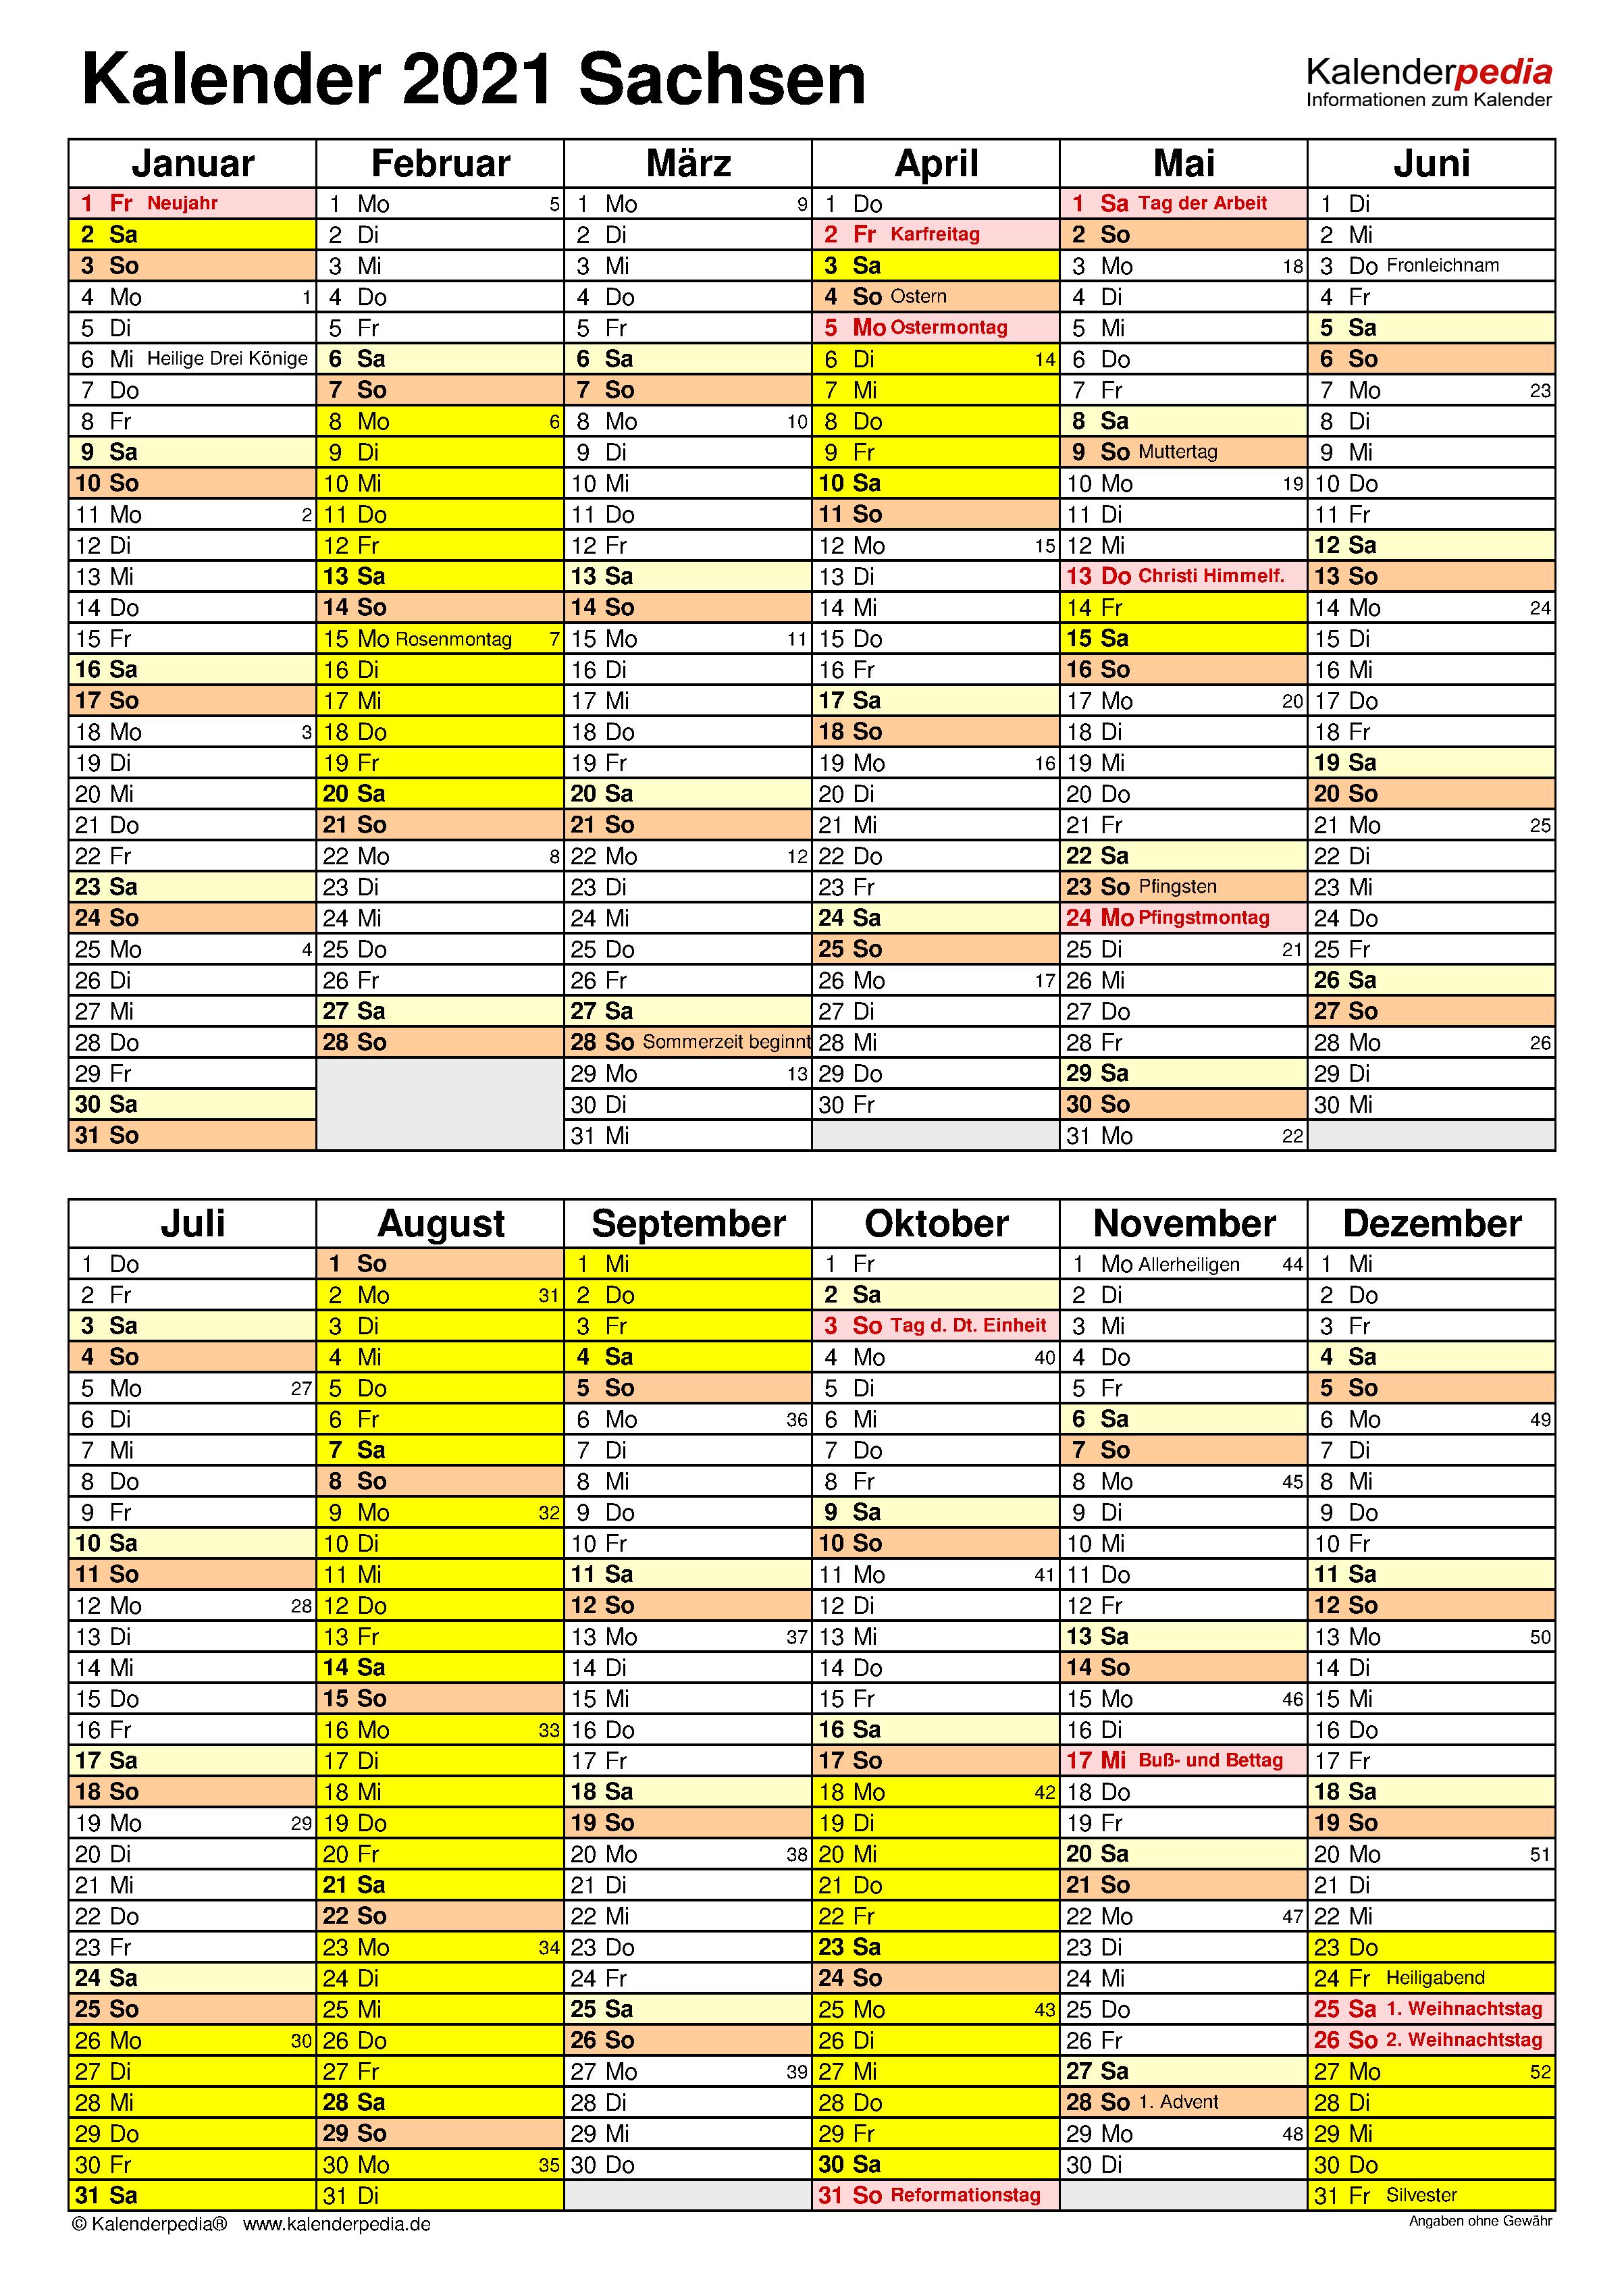 Kalender 2021 Sachsen: Ferien, Feiertage, PDF-Vorlagen